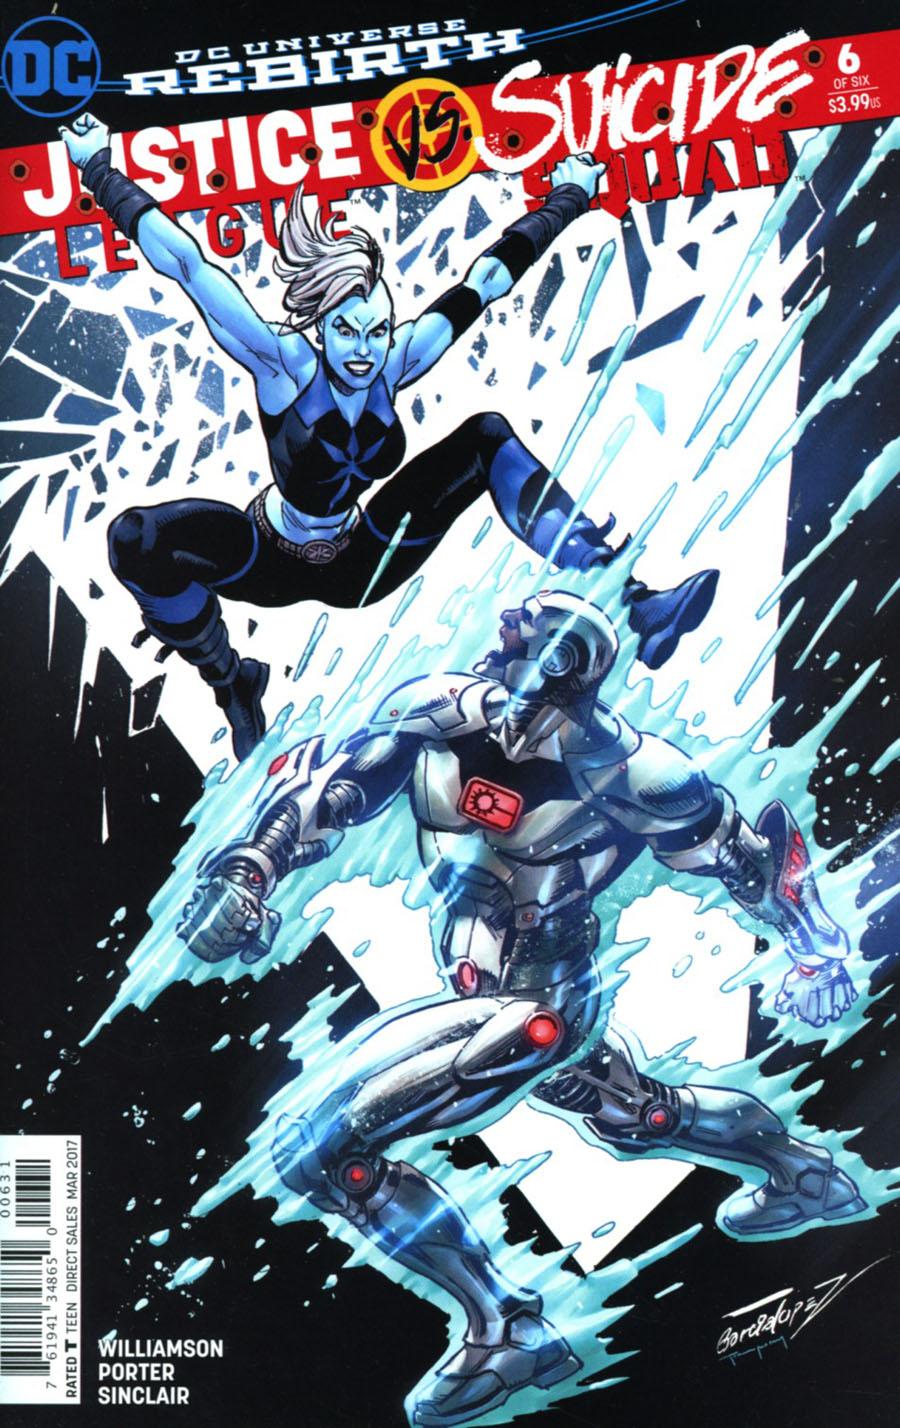 Justice League vs Suicide Squad #6 Cover C Variant Jose Luis Garcia-Lopez Suicide Squad Cover